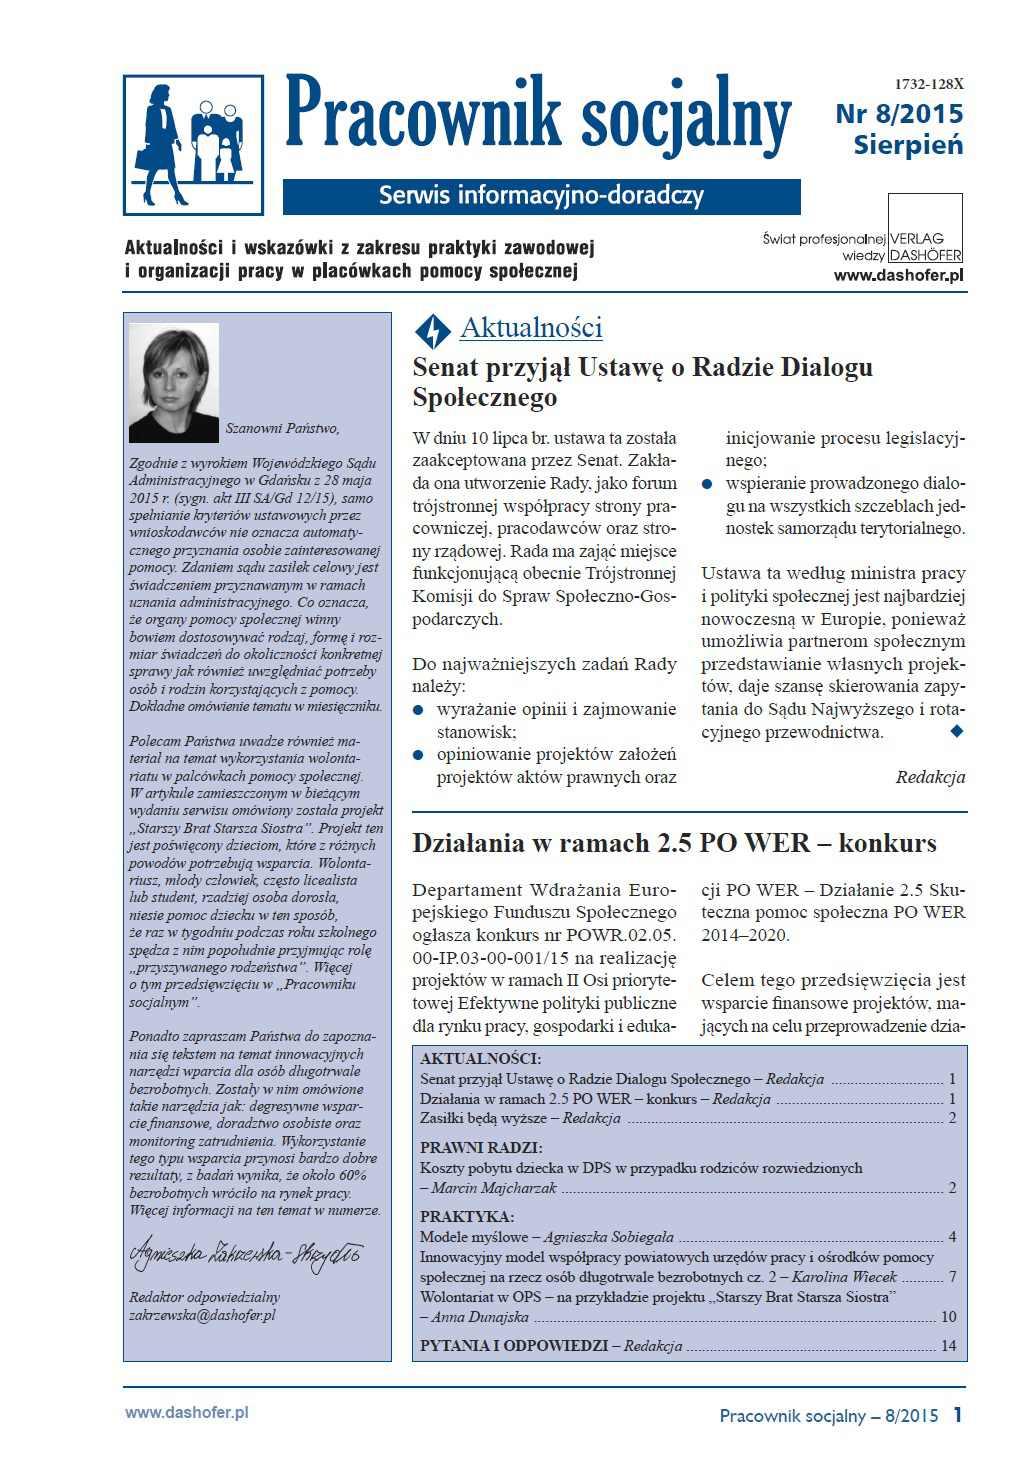 Pracownik socjalny. Aktualności i wskazówki z zakresu praktyki zawodowej i organizacji pracy w placówkach pomocy społecznej. Nr 8/2015 - Ebook (Książka PDF) do pobrania w formacie PDF